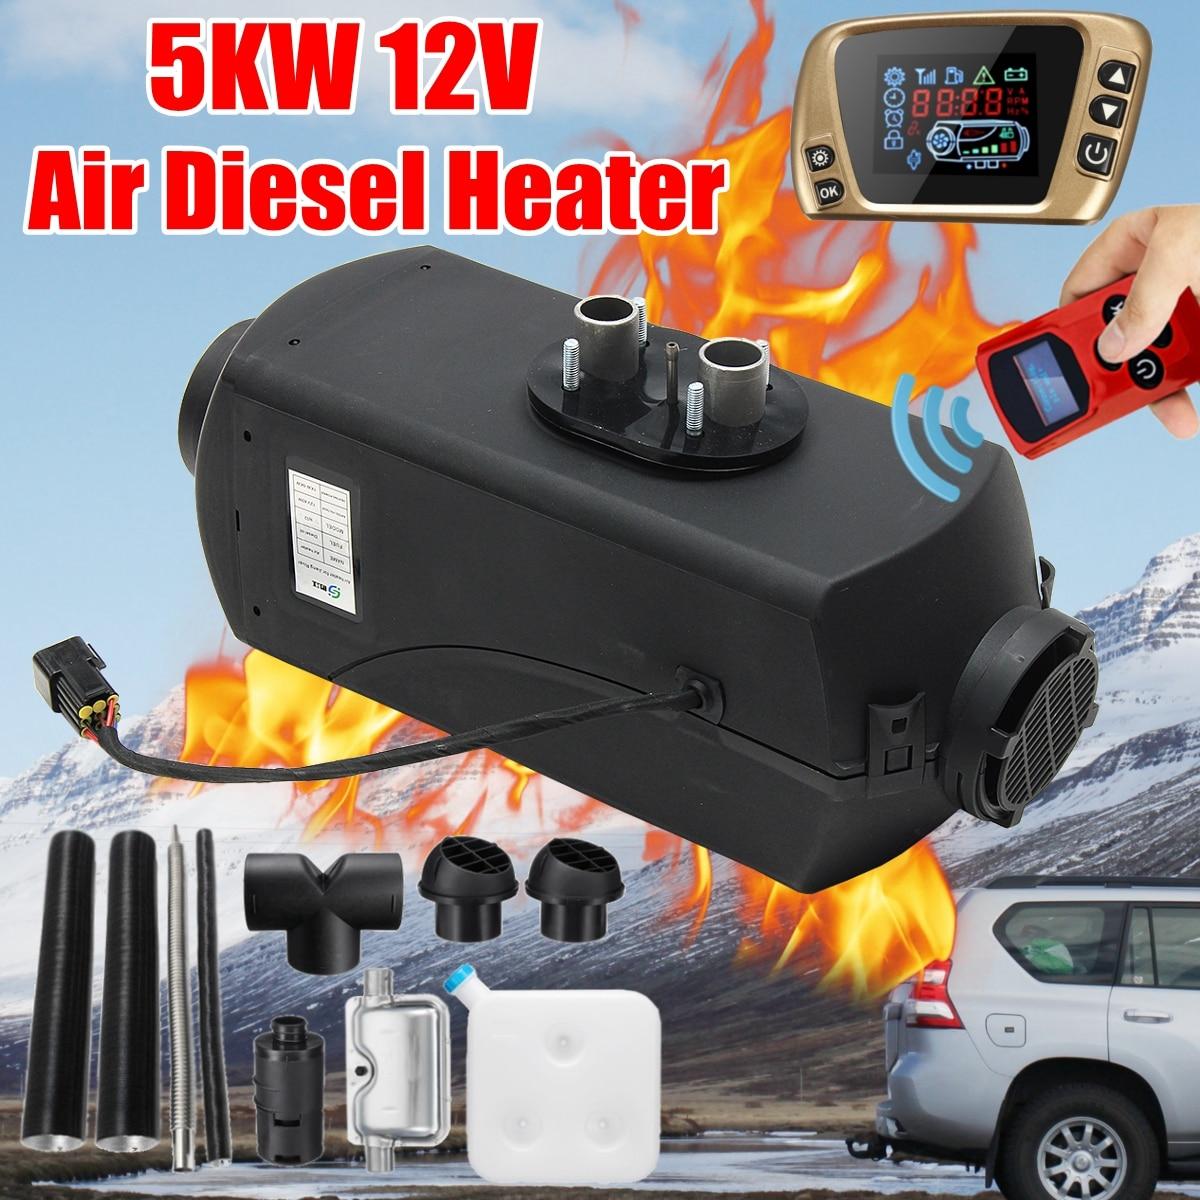 12 V 5KW Voiture Parking Air Diesels Chauffage À Combustible LCD Commutateur 5000 W Chauffage De la Voiture pour RV Bateaux Camping-Car Camions remorque + À Distance + Silencieux